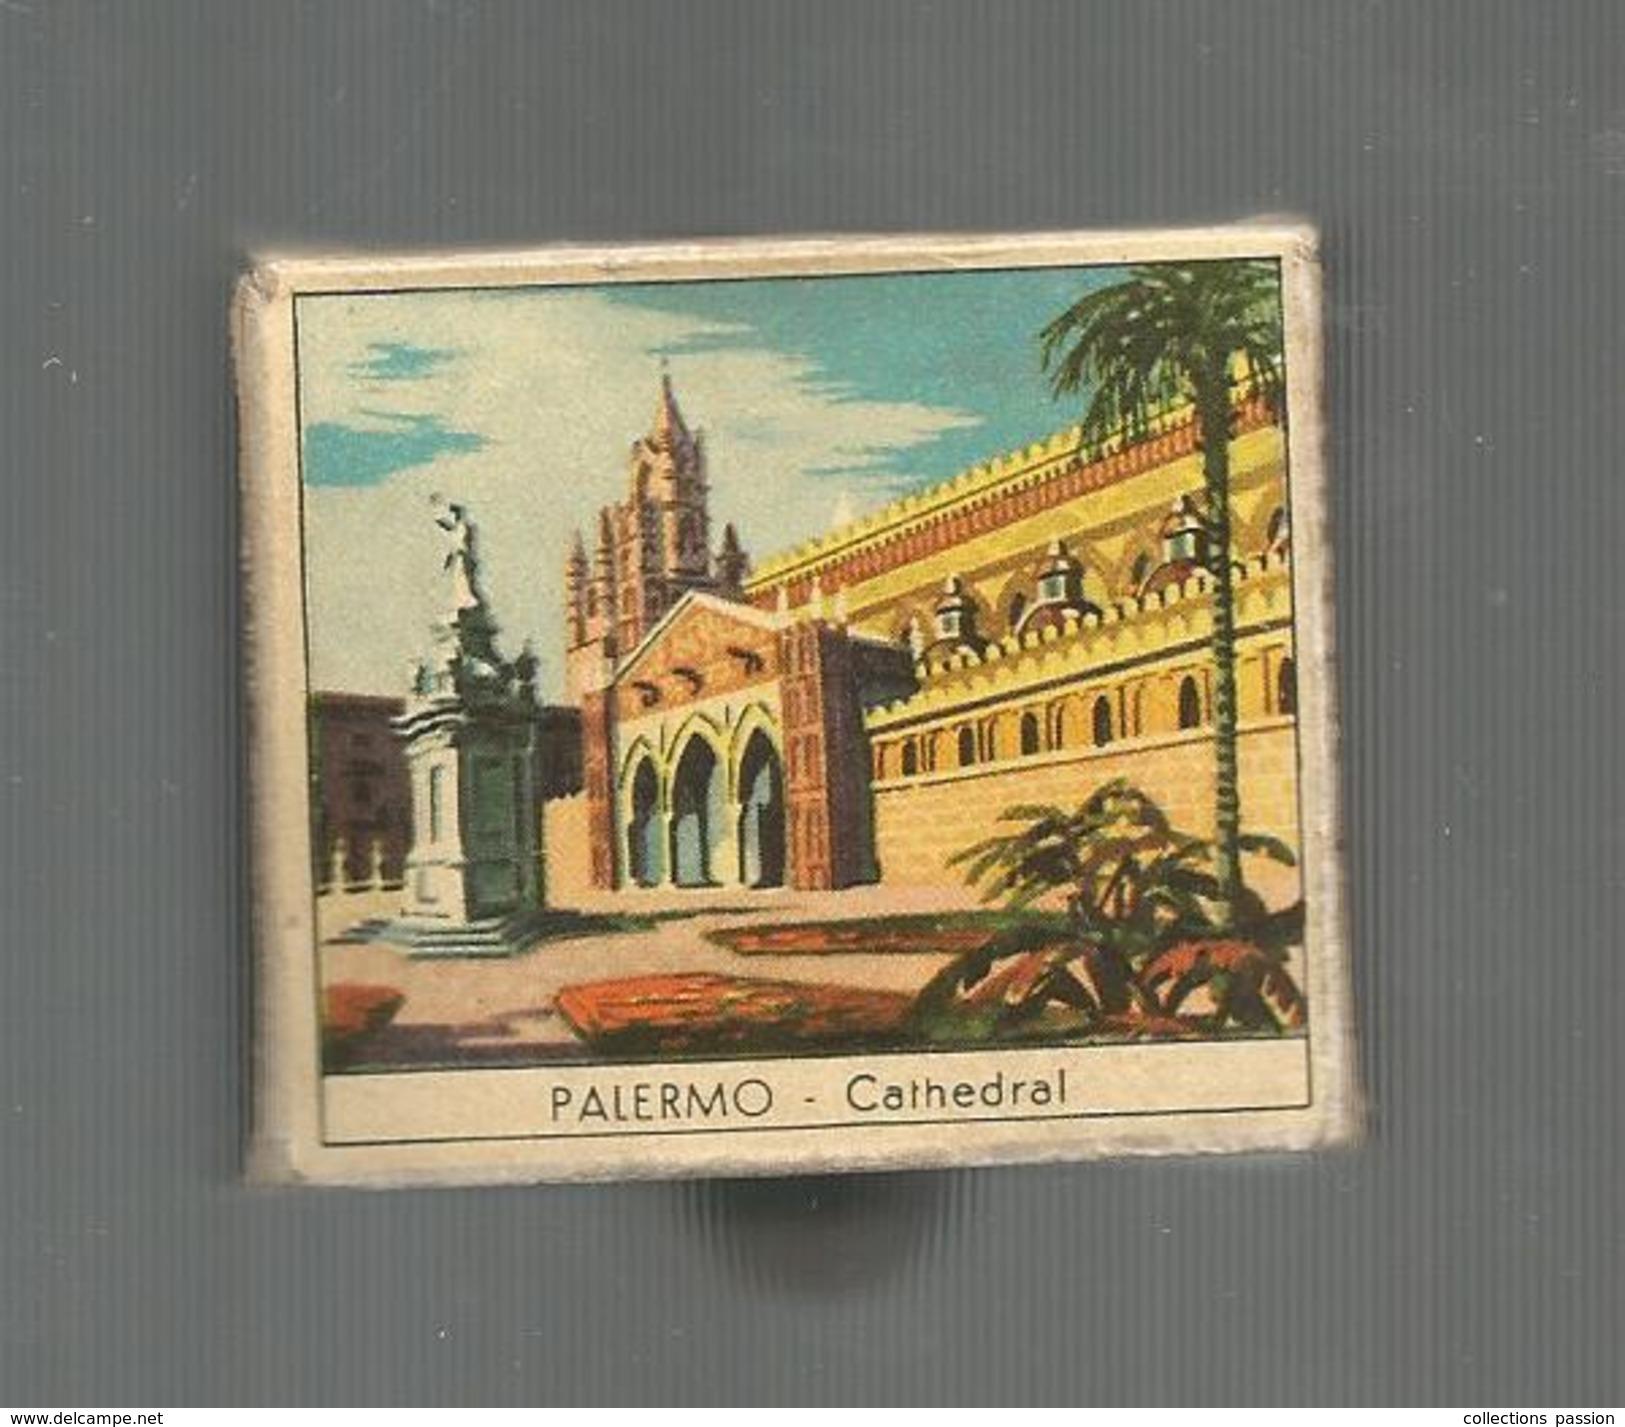 G-I-E , Tabac , Boite D'ALLUMETTES, 2 Scans, Publicité, Italie , Sicile , PALERMO , Cathedral, Italian Folklore - Matchbox Labels